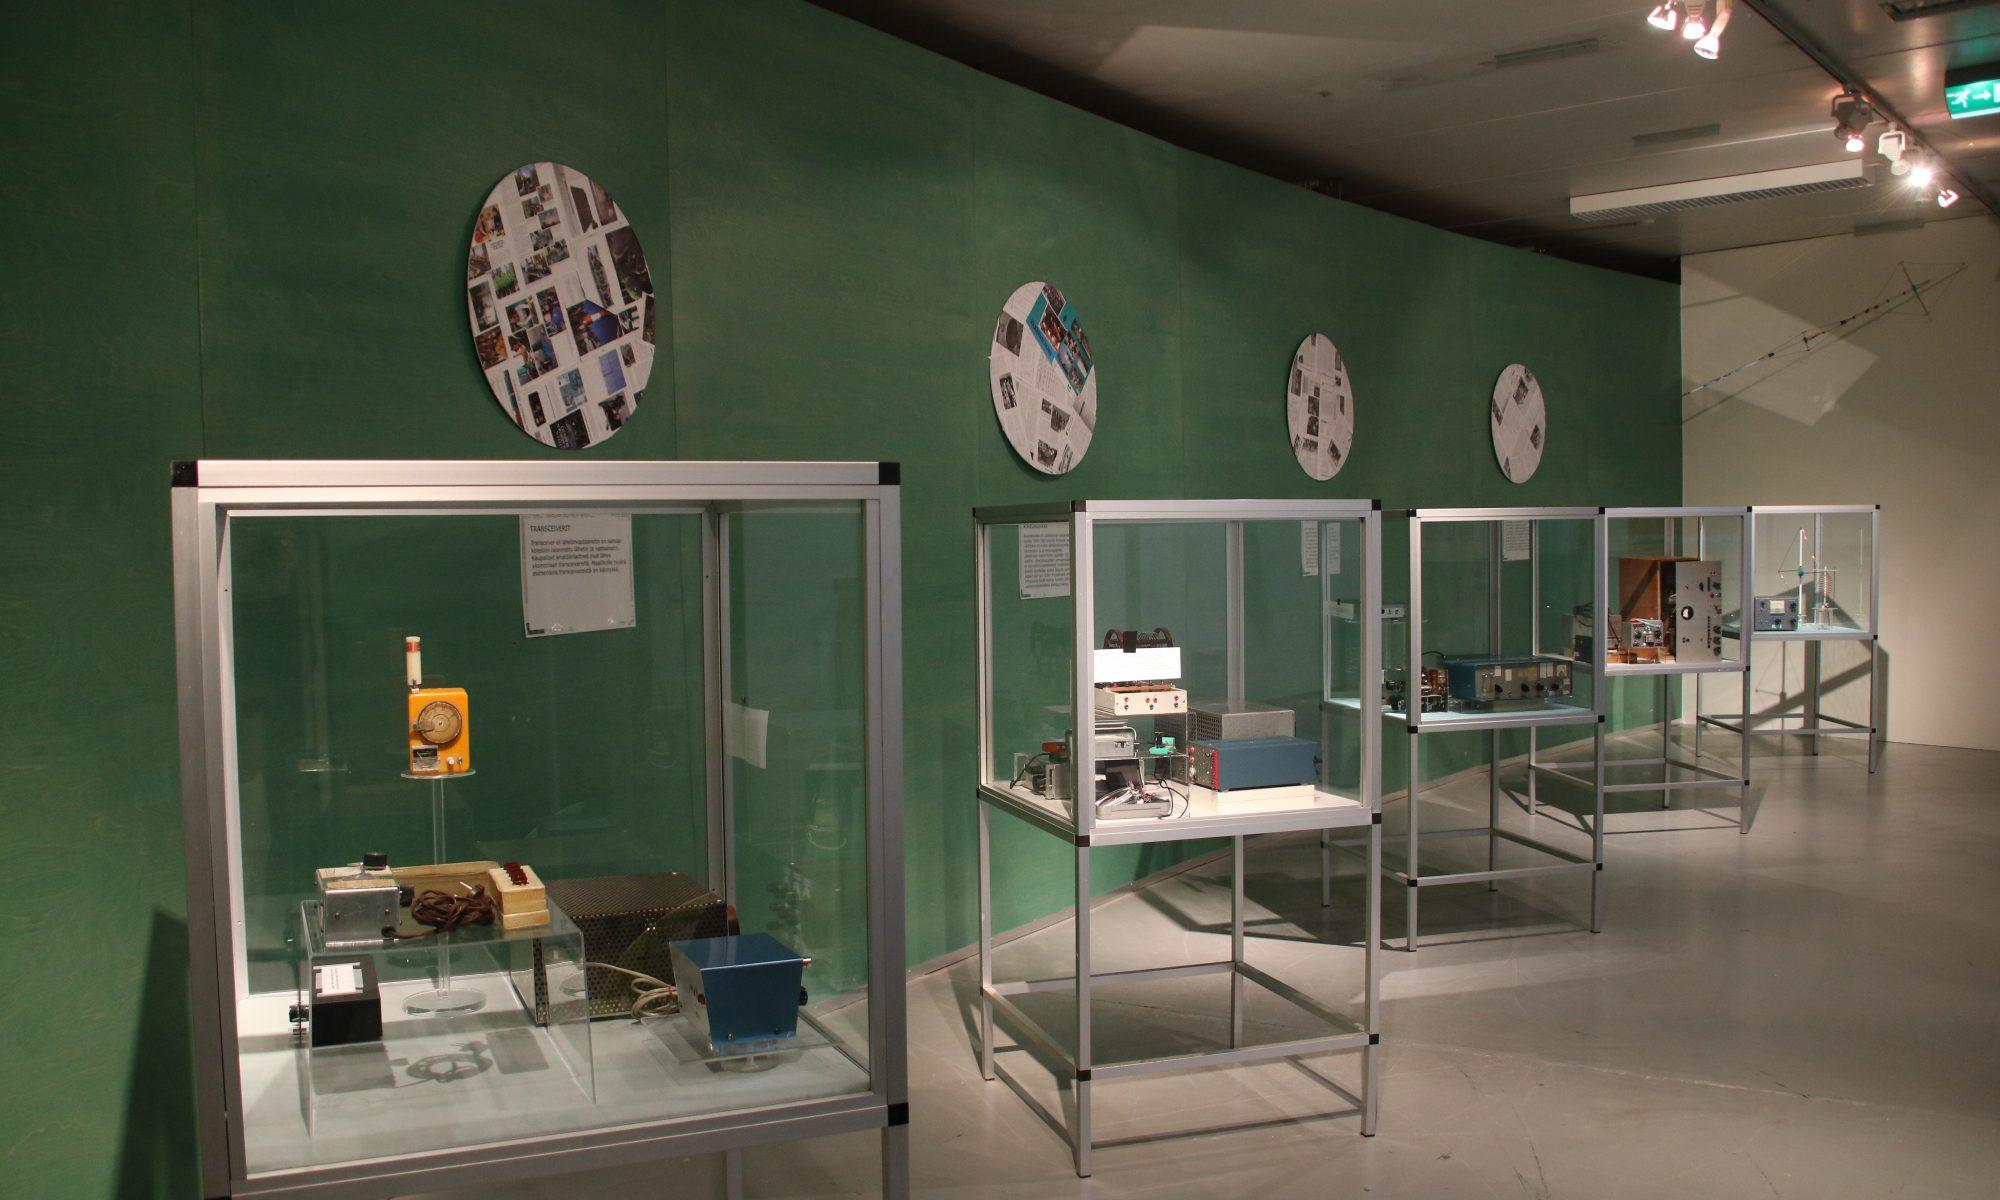 ITE-näyttely kuvaa